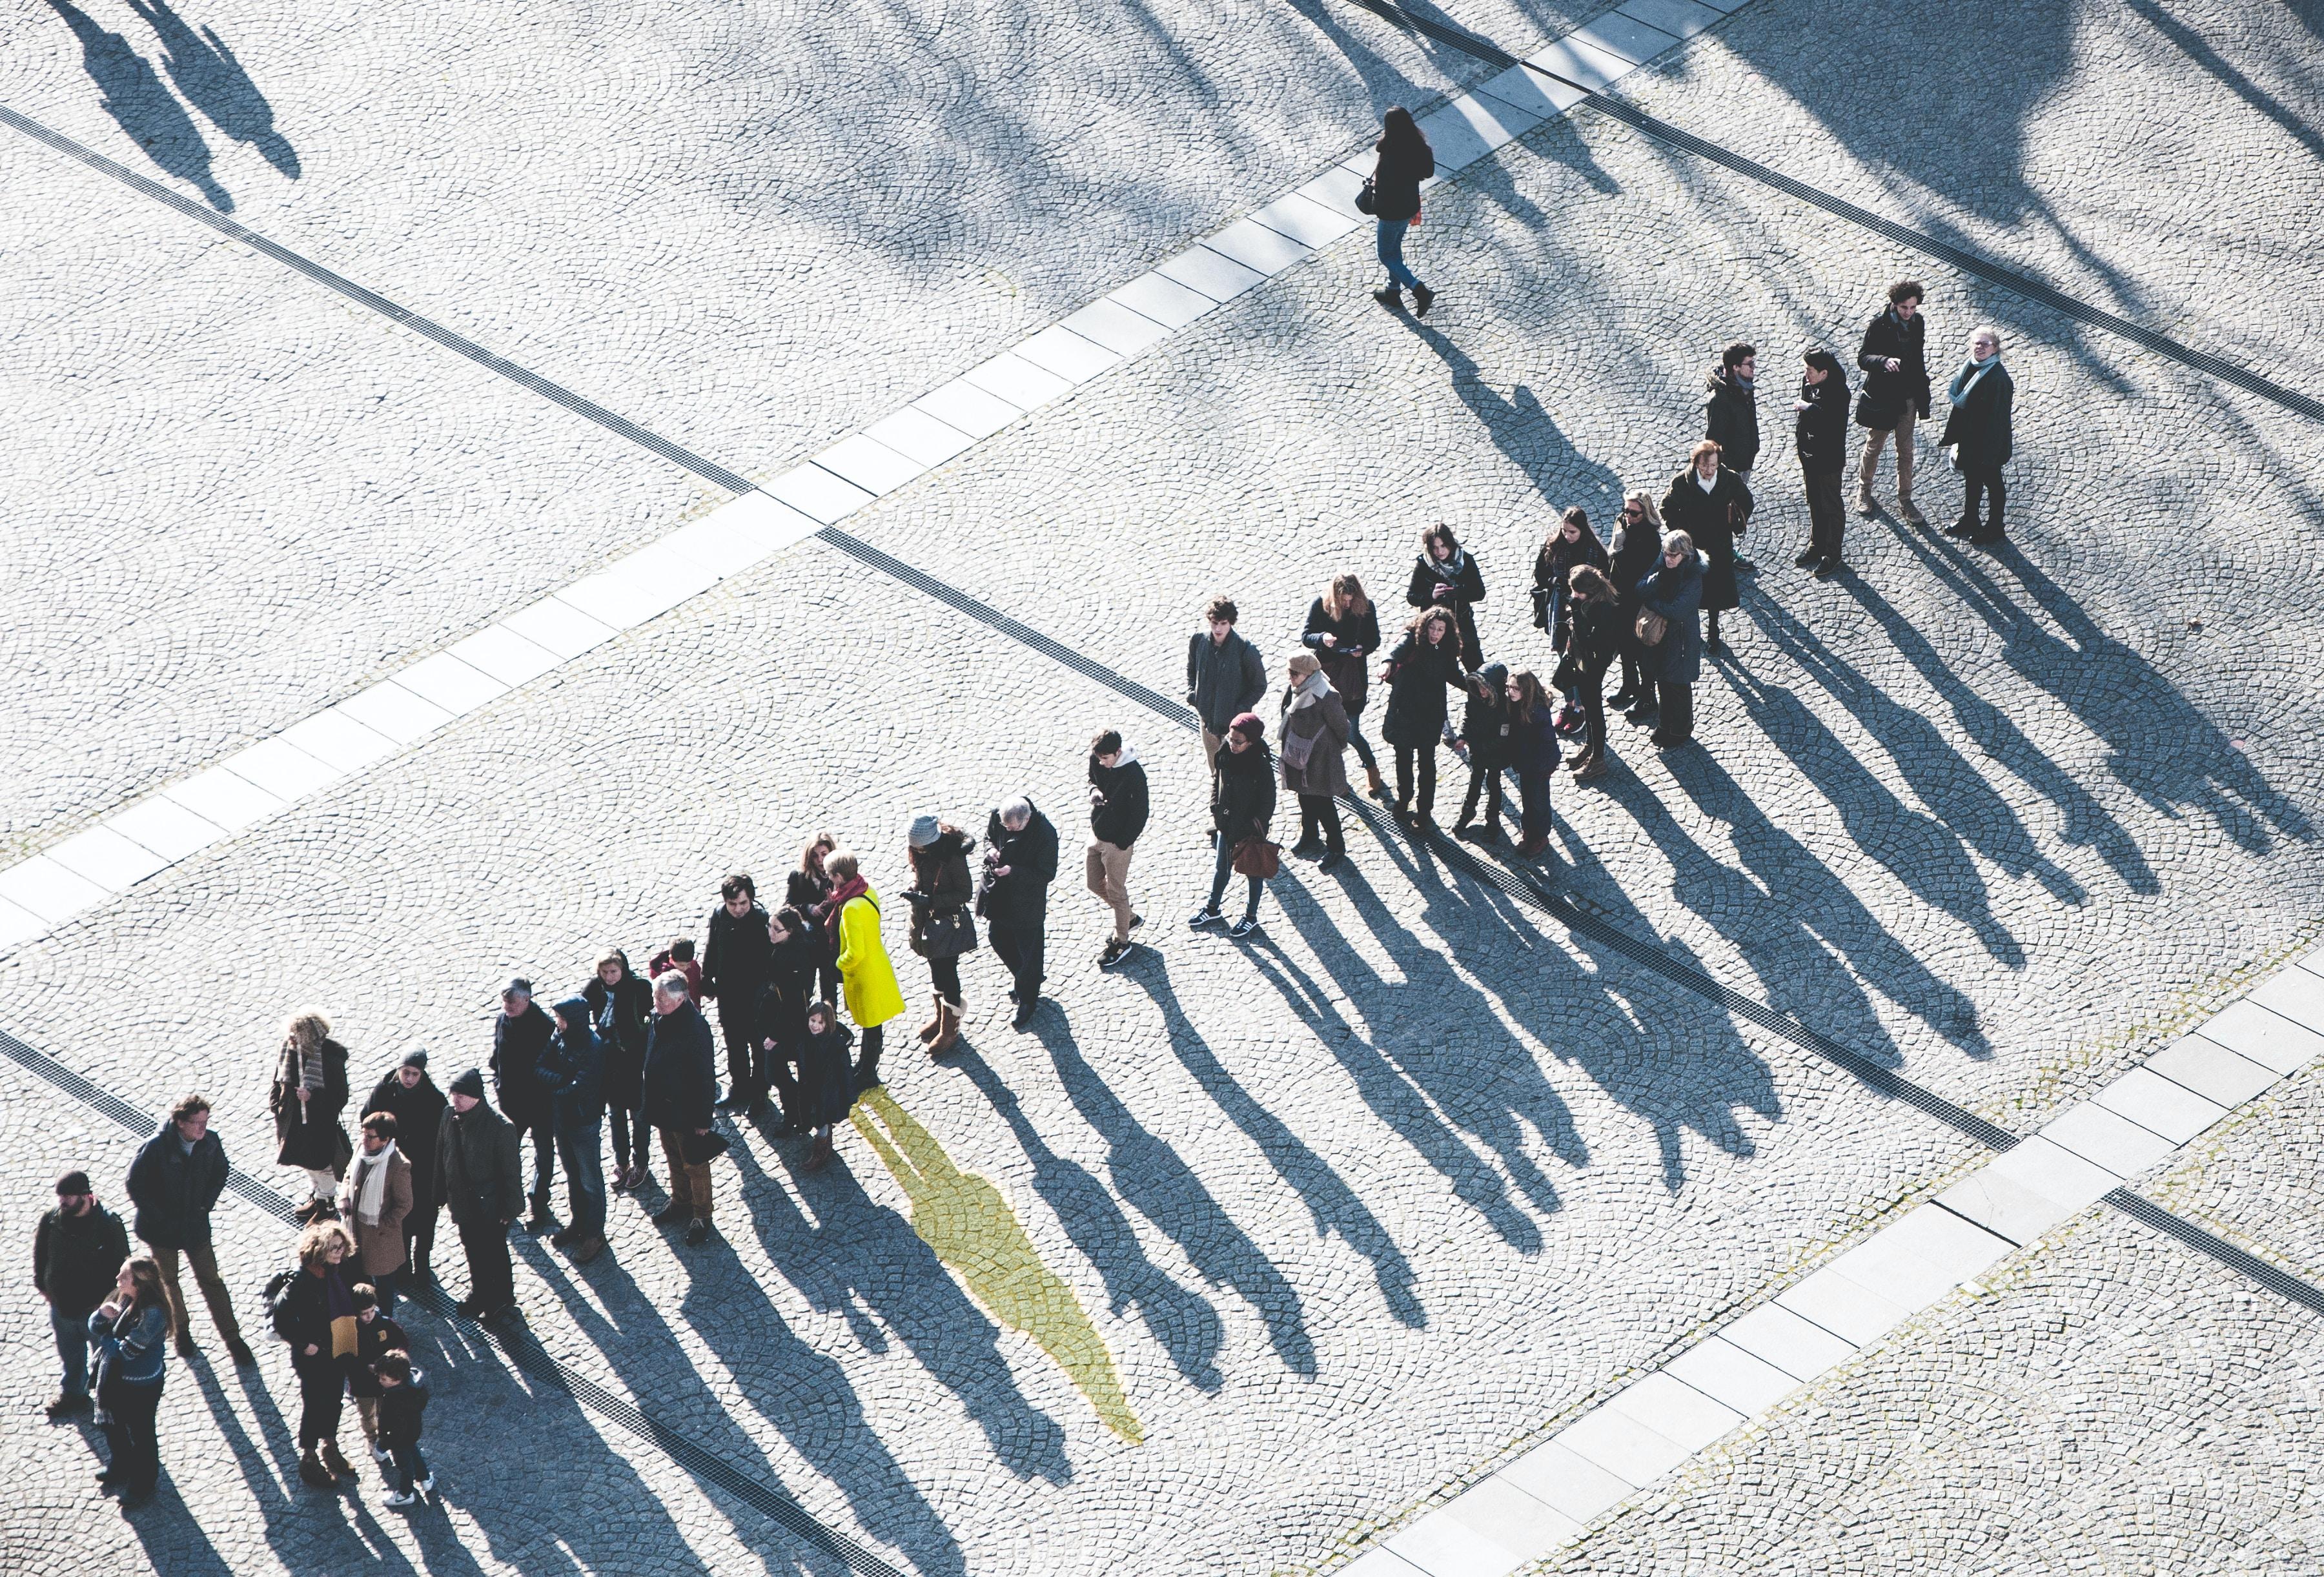 「排隊」讓消費者心理產生要「多買一些」的衝動 - 失落花園|林俊成 臨床心理師